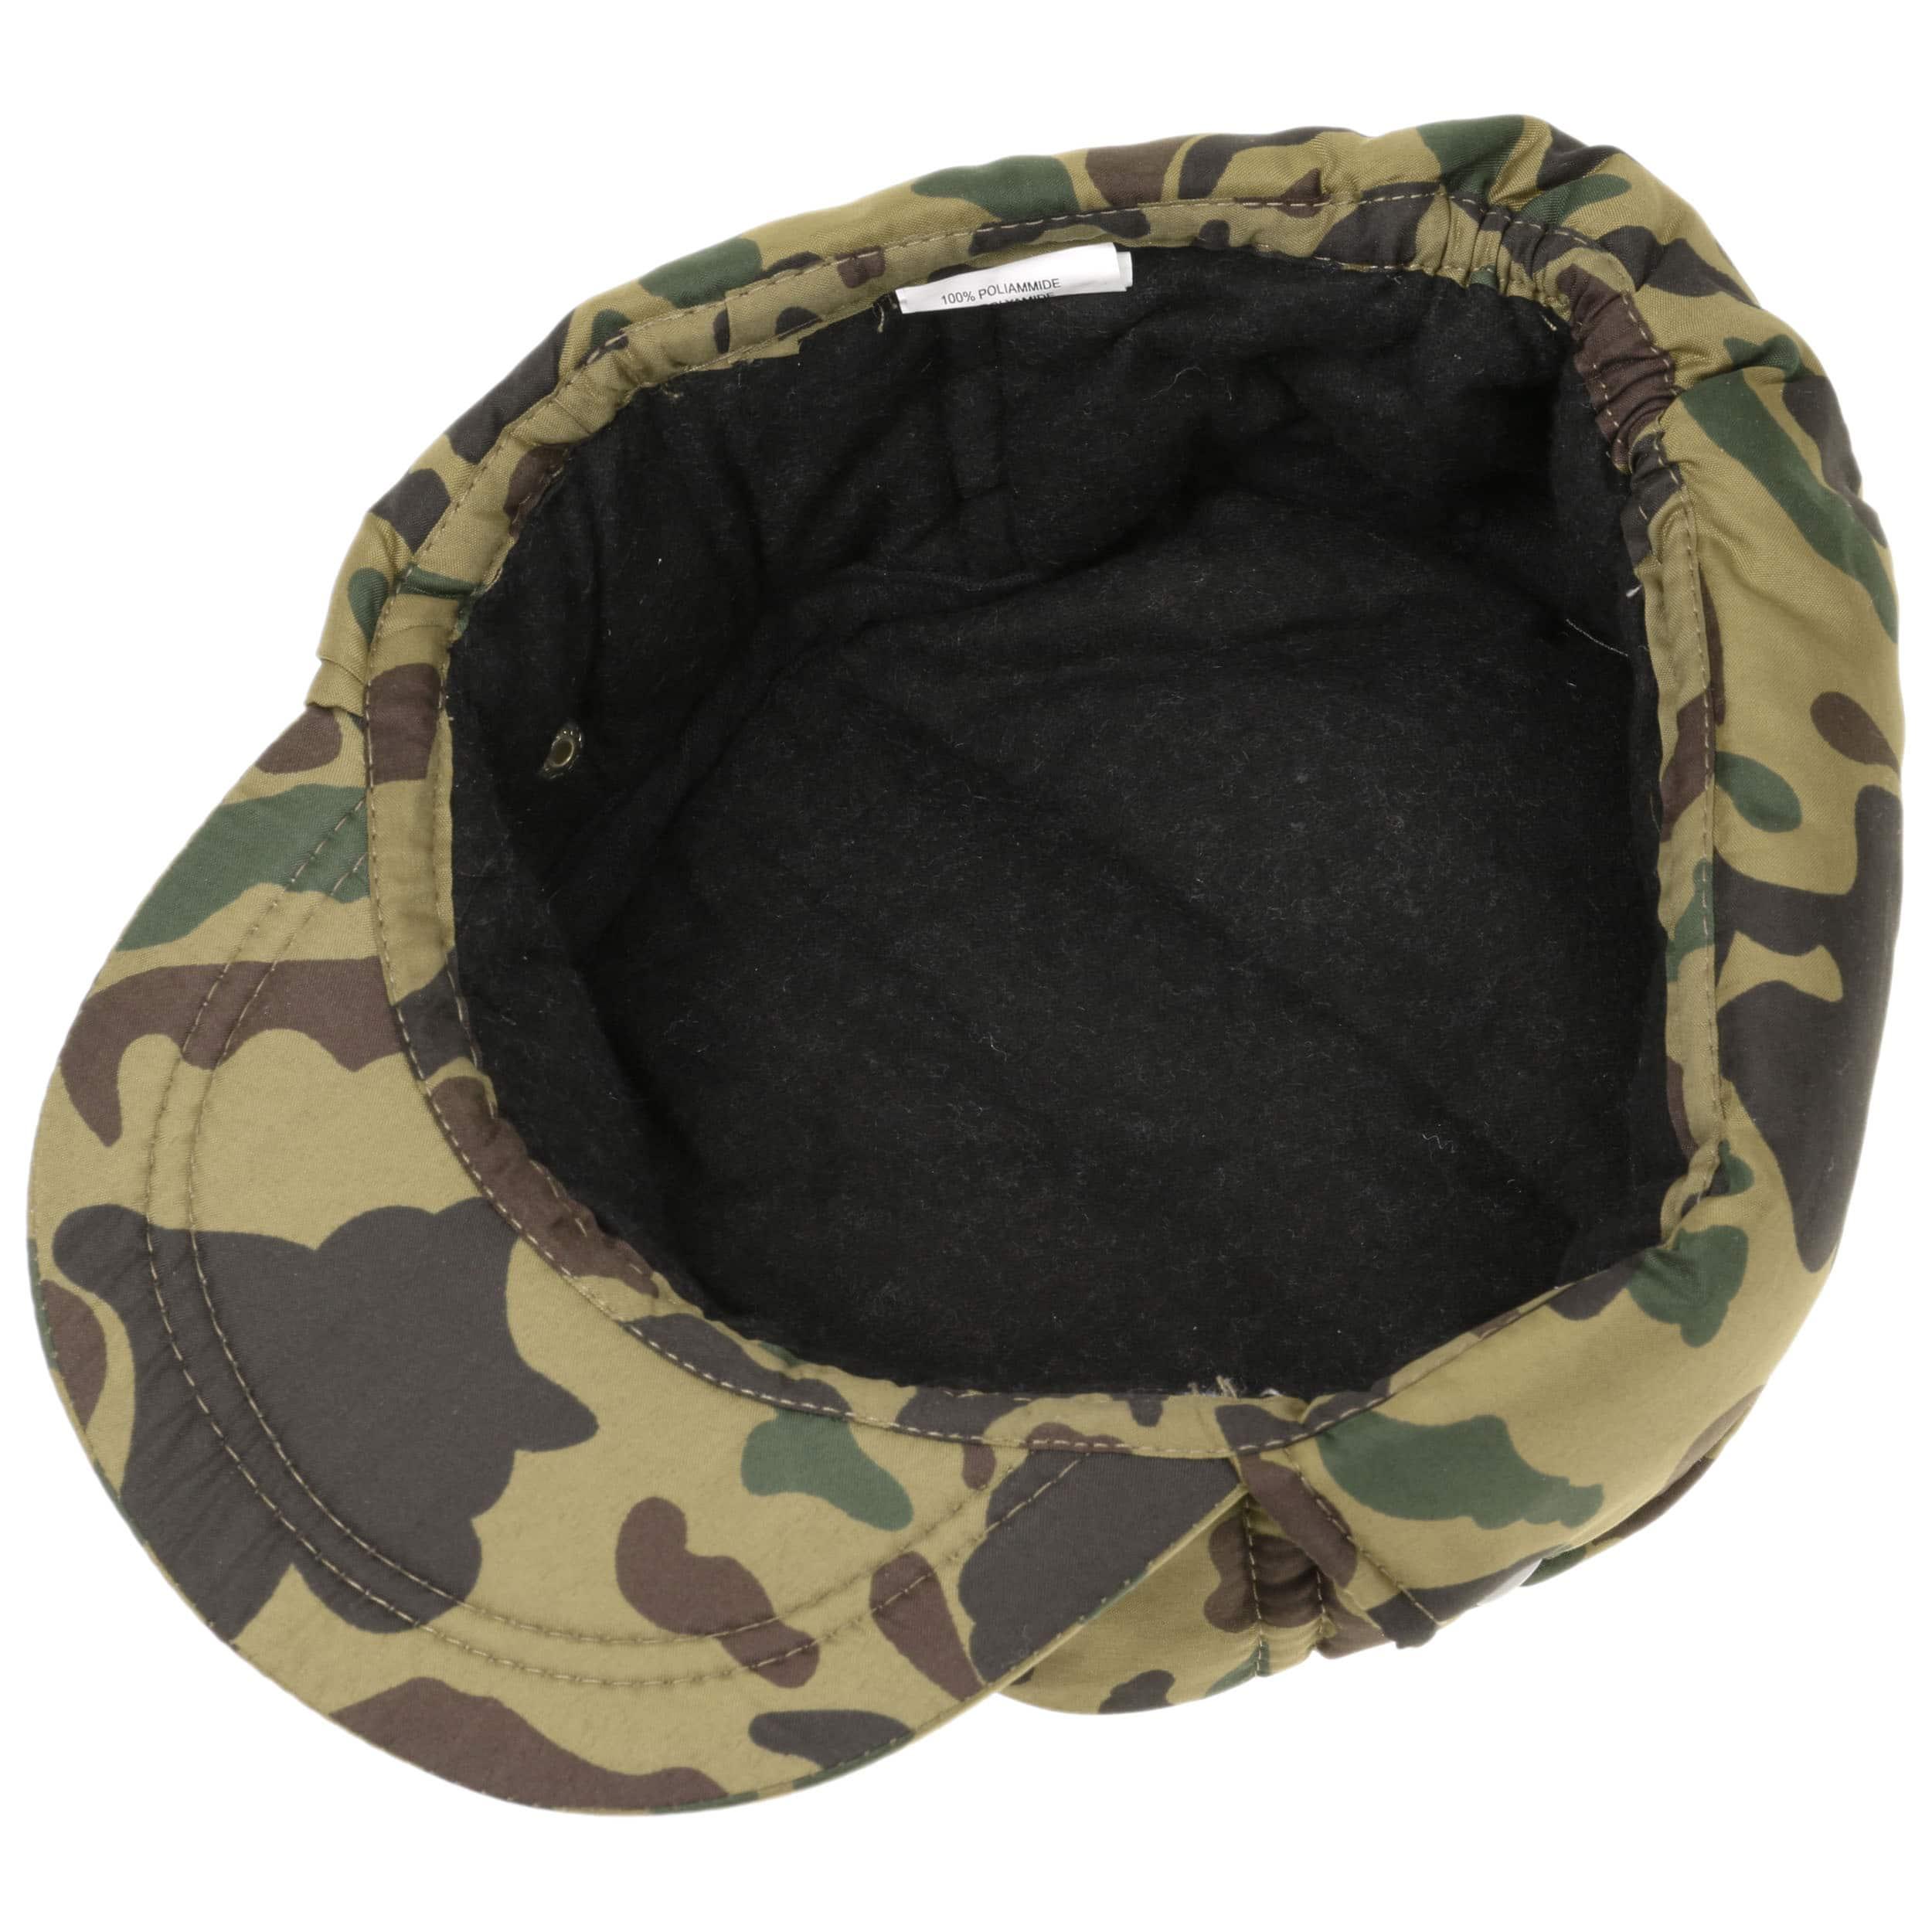 ... Gorra Militar Camouflage con Orejeras by Lipodo - camuflaje 2 ... e86fc451571